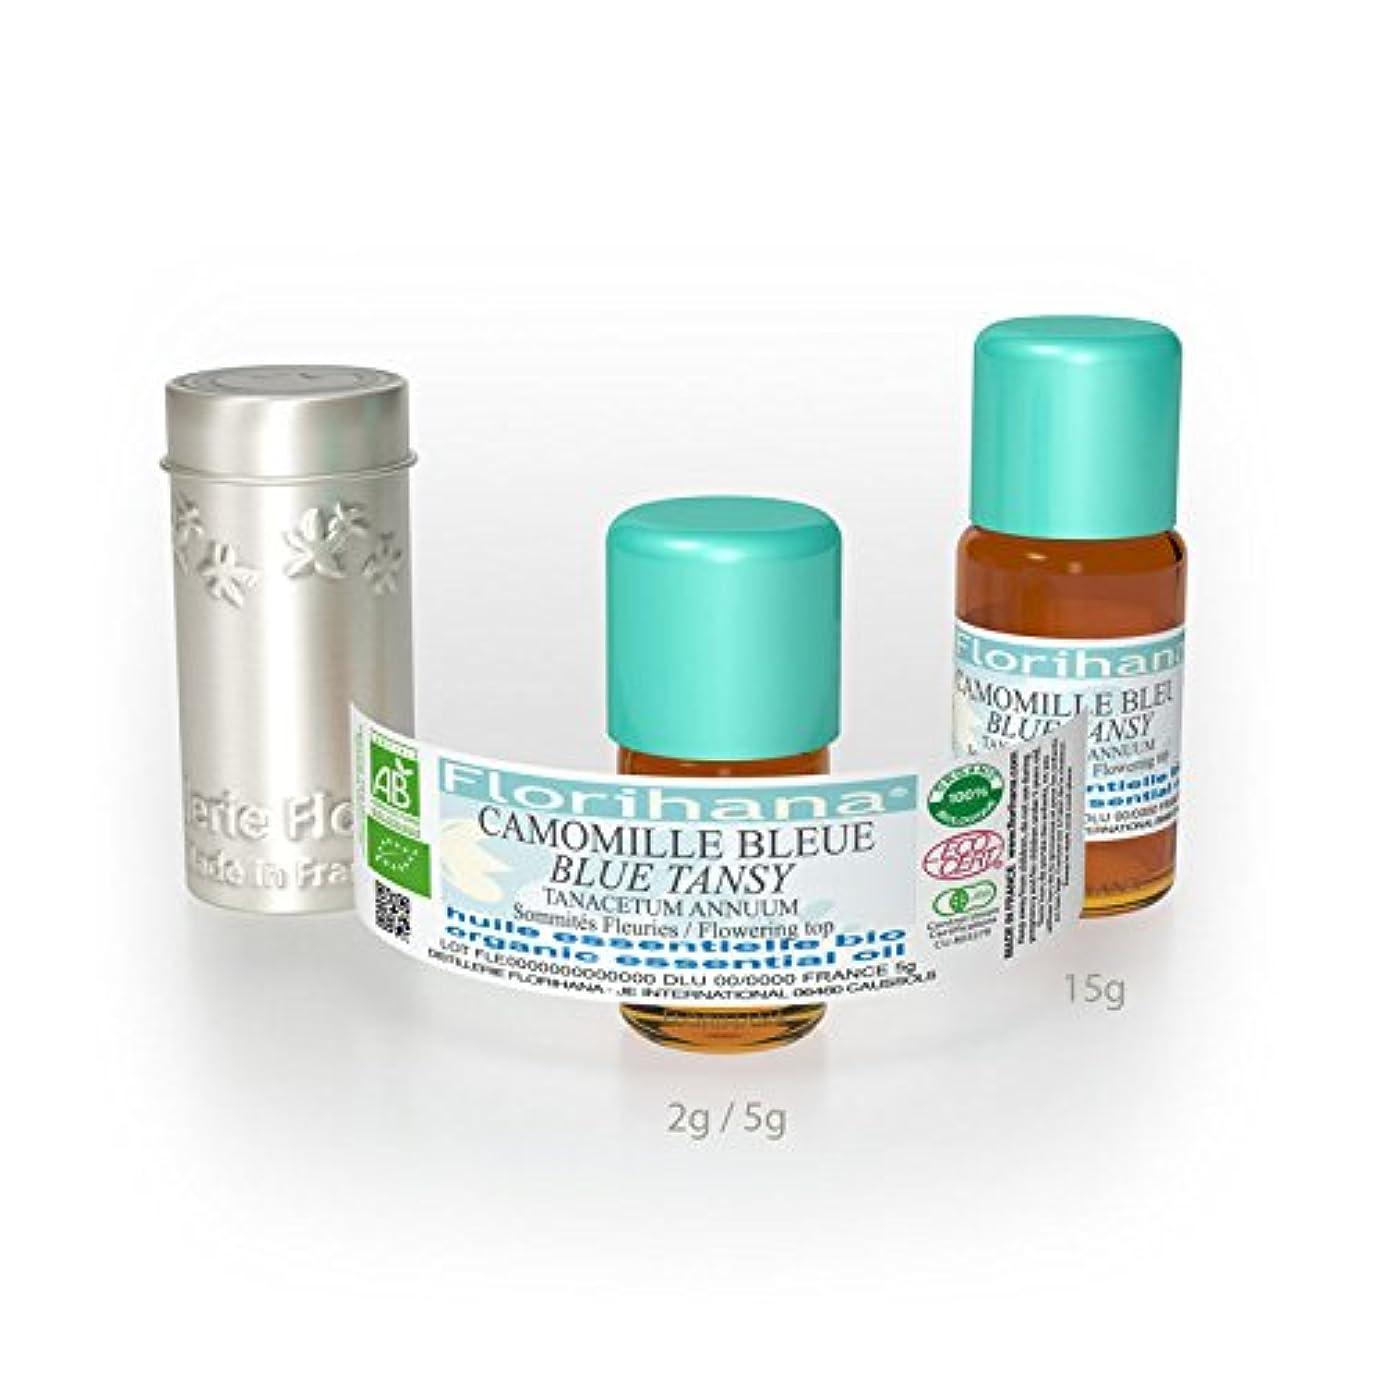 ラッシュ合法改革オーガニック エッセンシャルオイル タナセタム ブルーカモミール 5g(5.6ml)